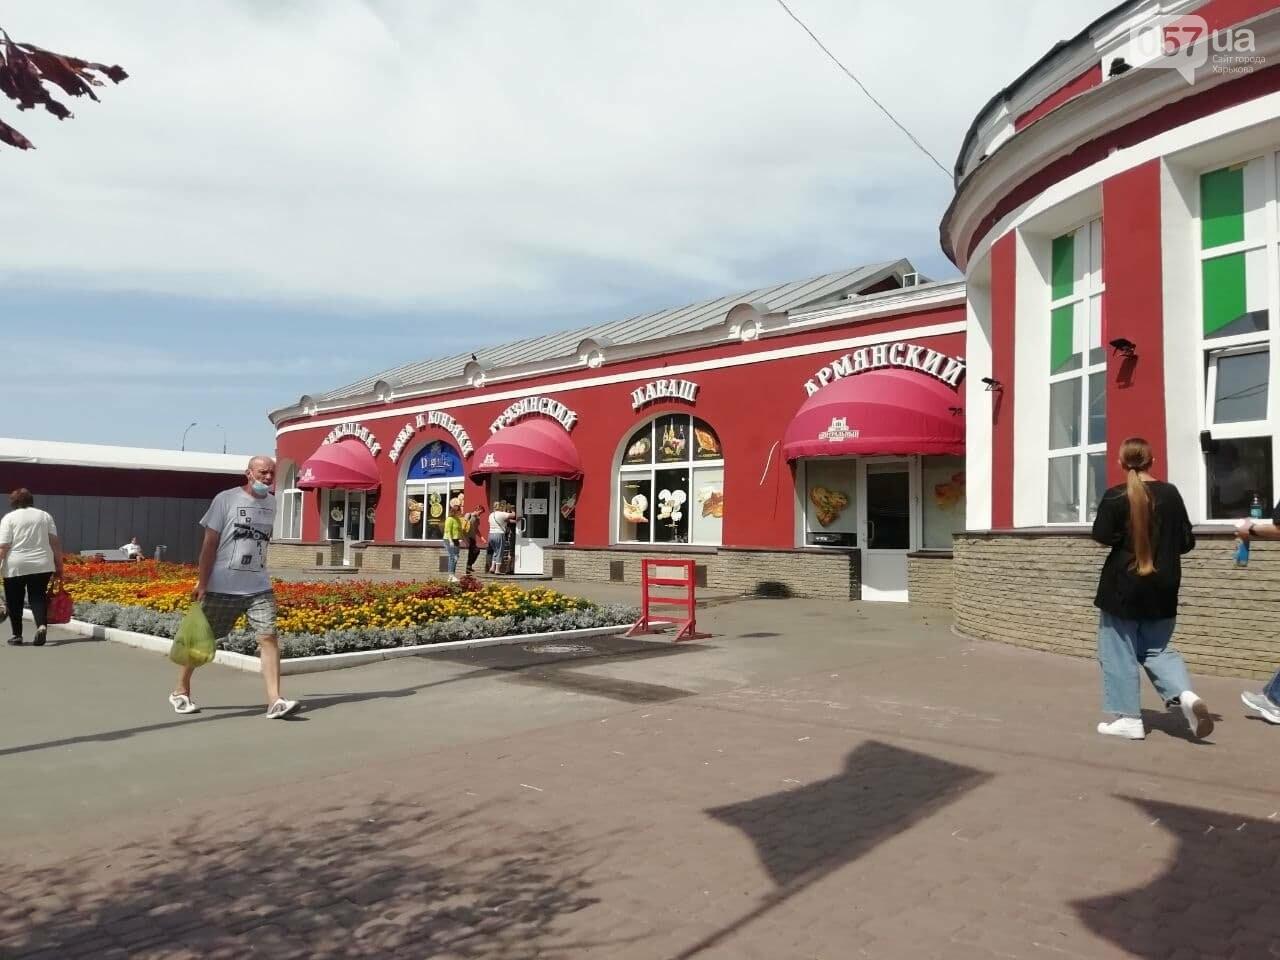 История Центрального рынка в Харькове: заброшенный остров, кулачные бои и виселицы на площади, - ФОТО, фото-6